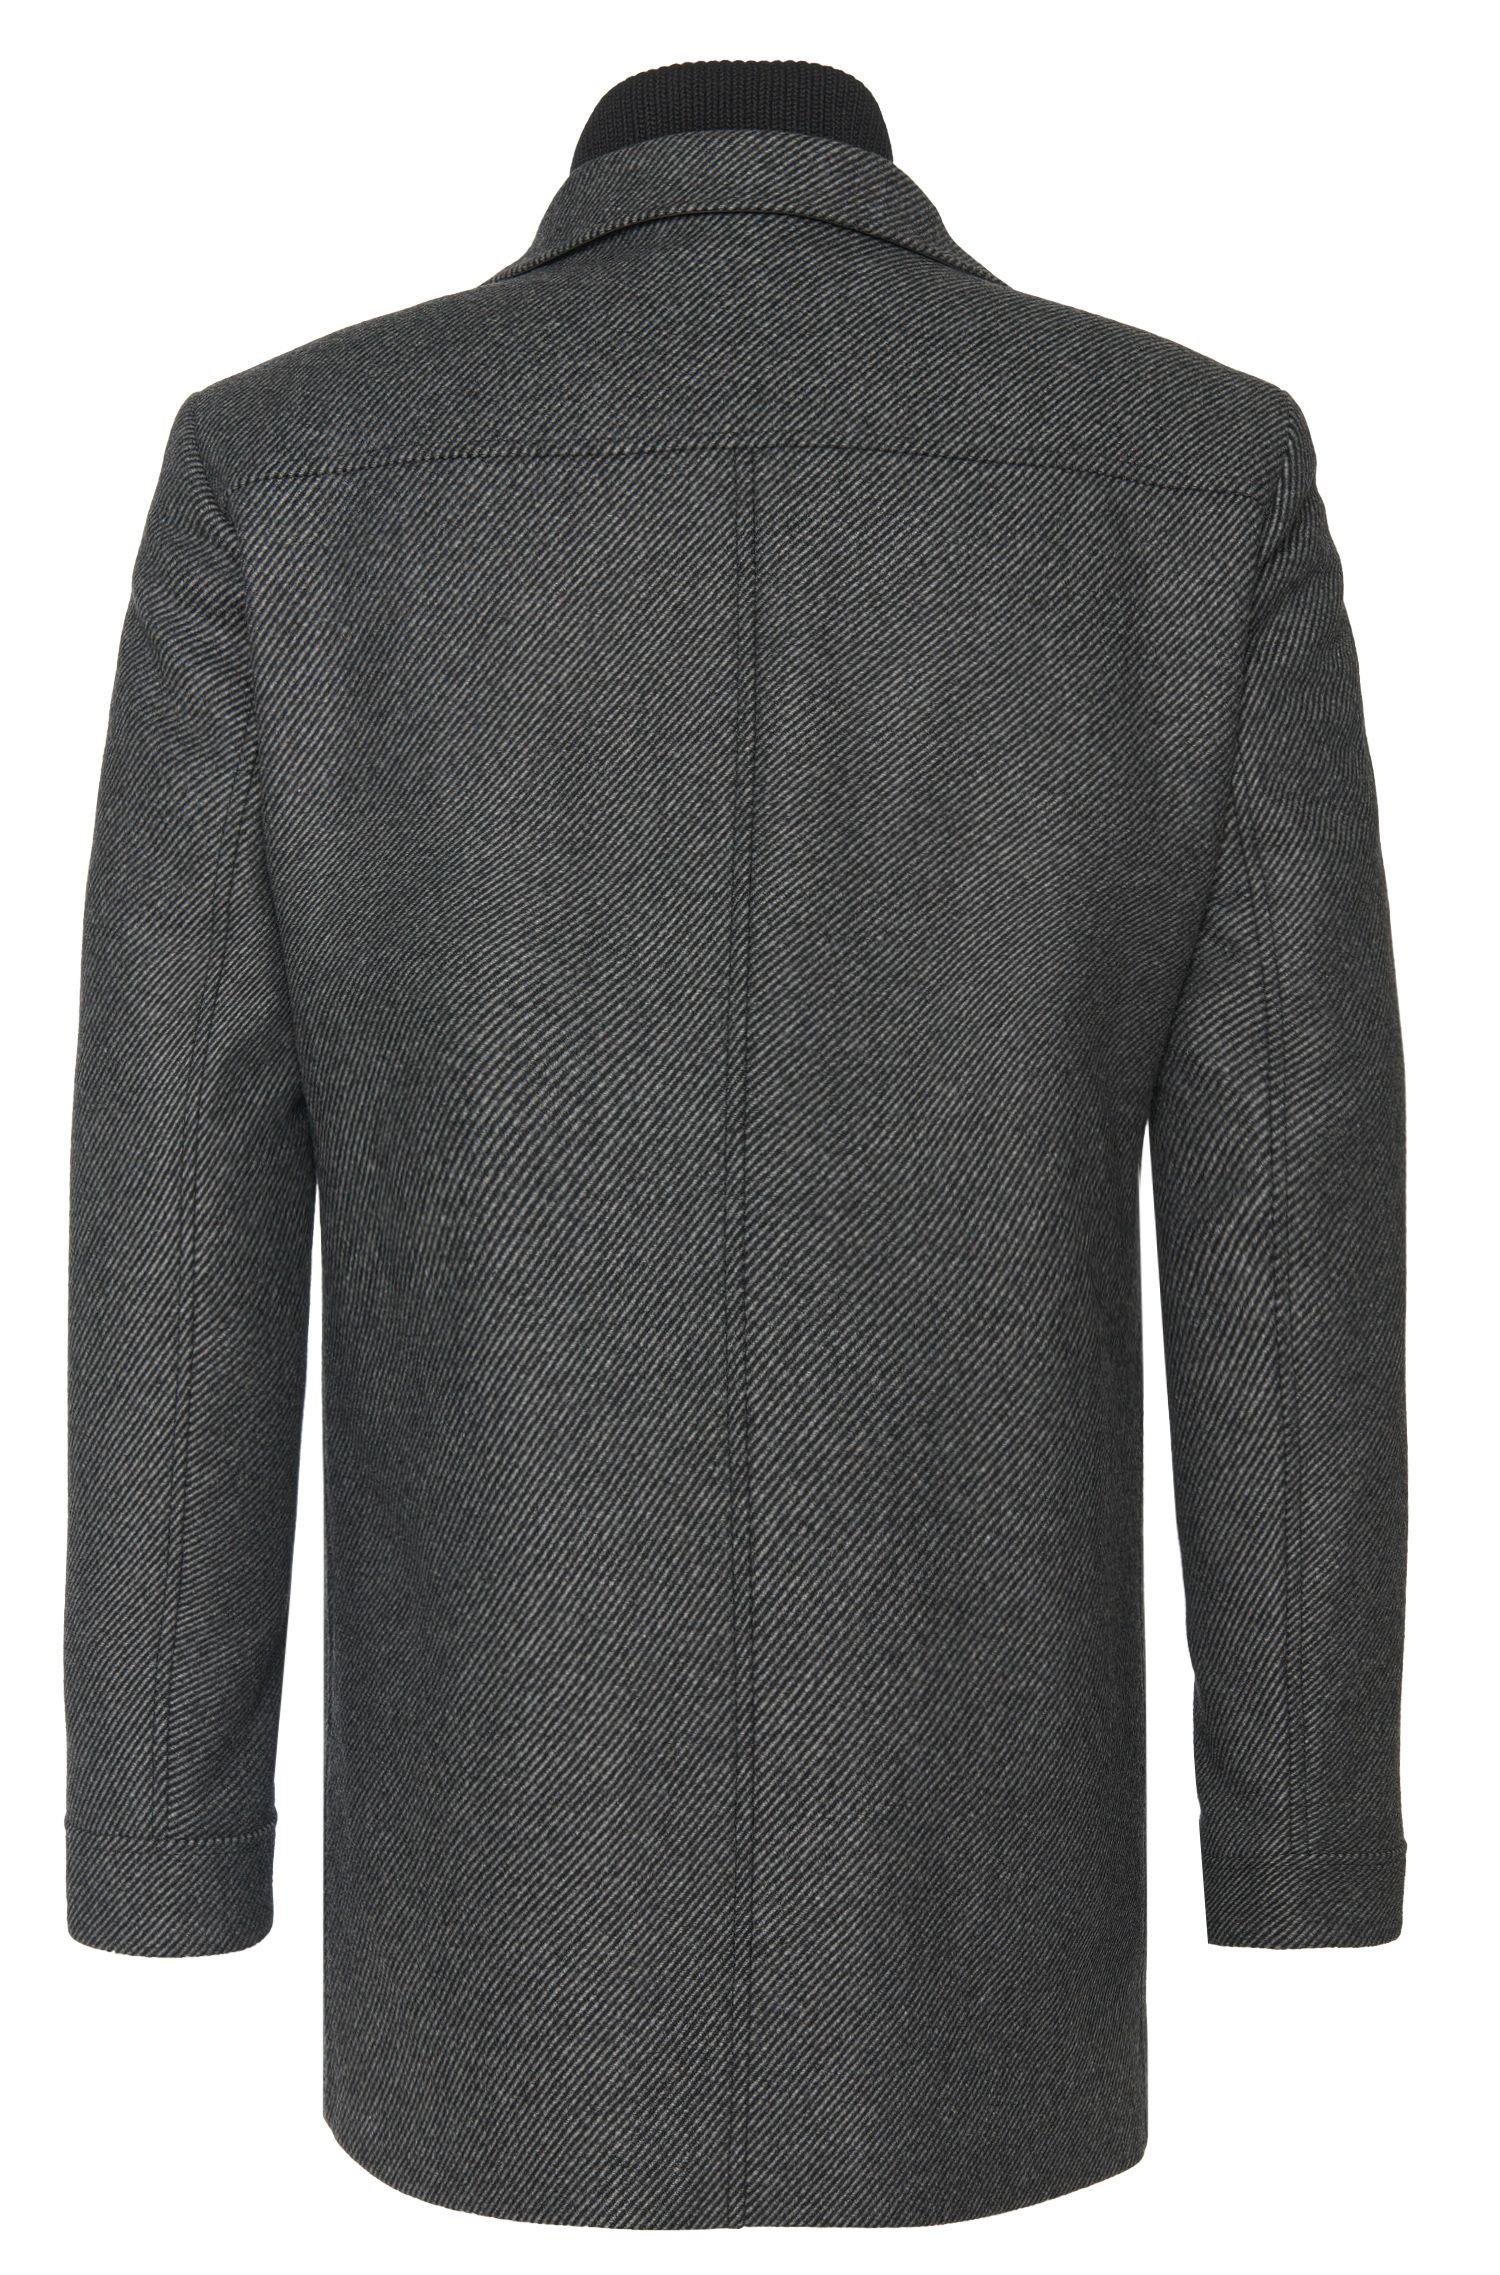 Gestreifte Jacke aus Material-Mix mit fixierter Reißverschlussblende: 'Barelto':